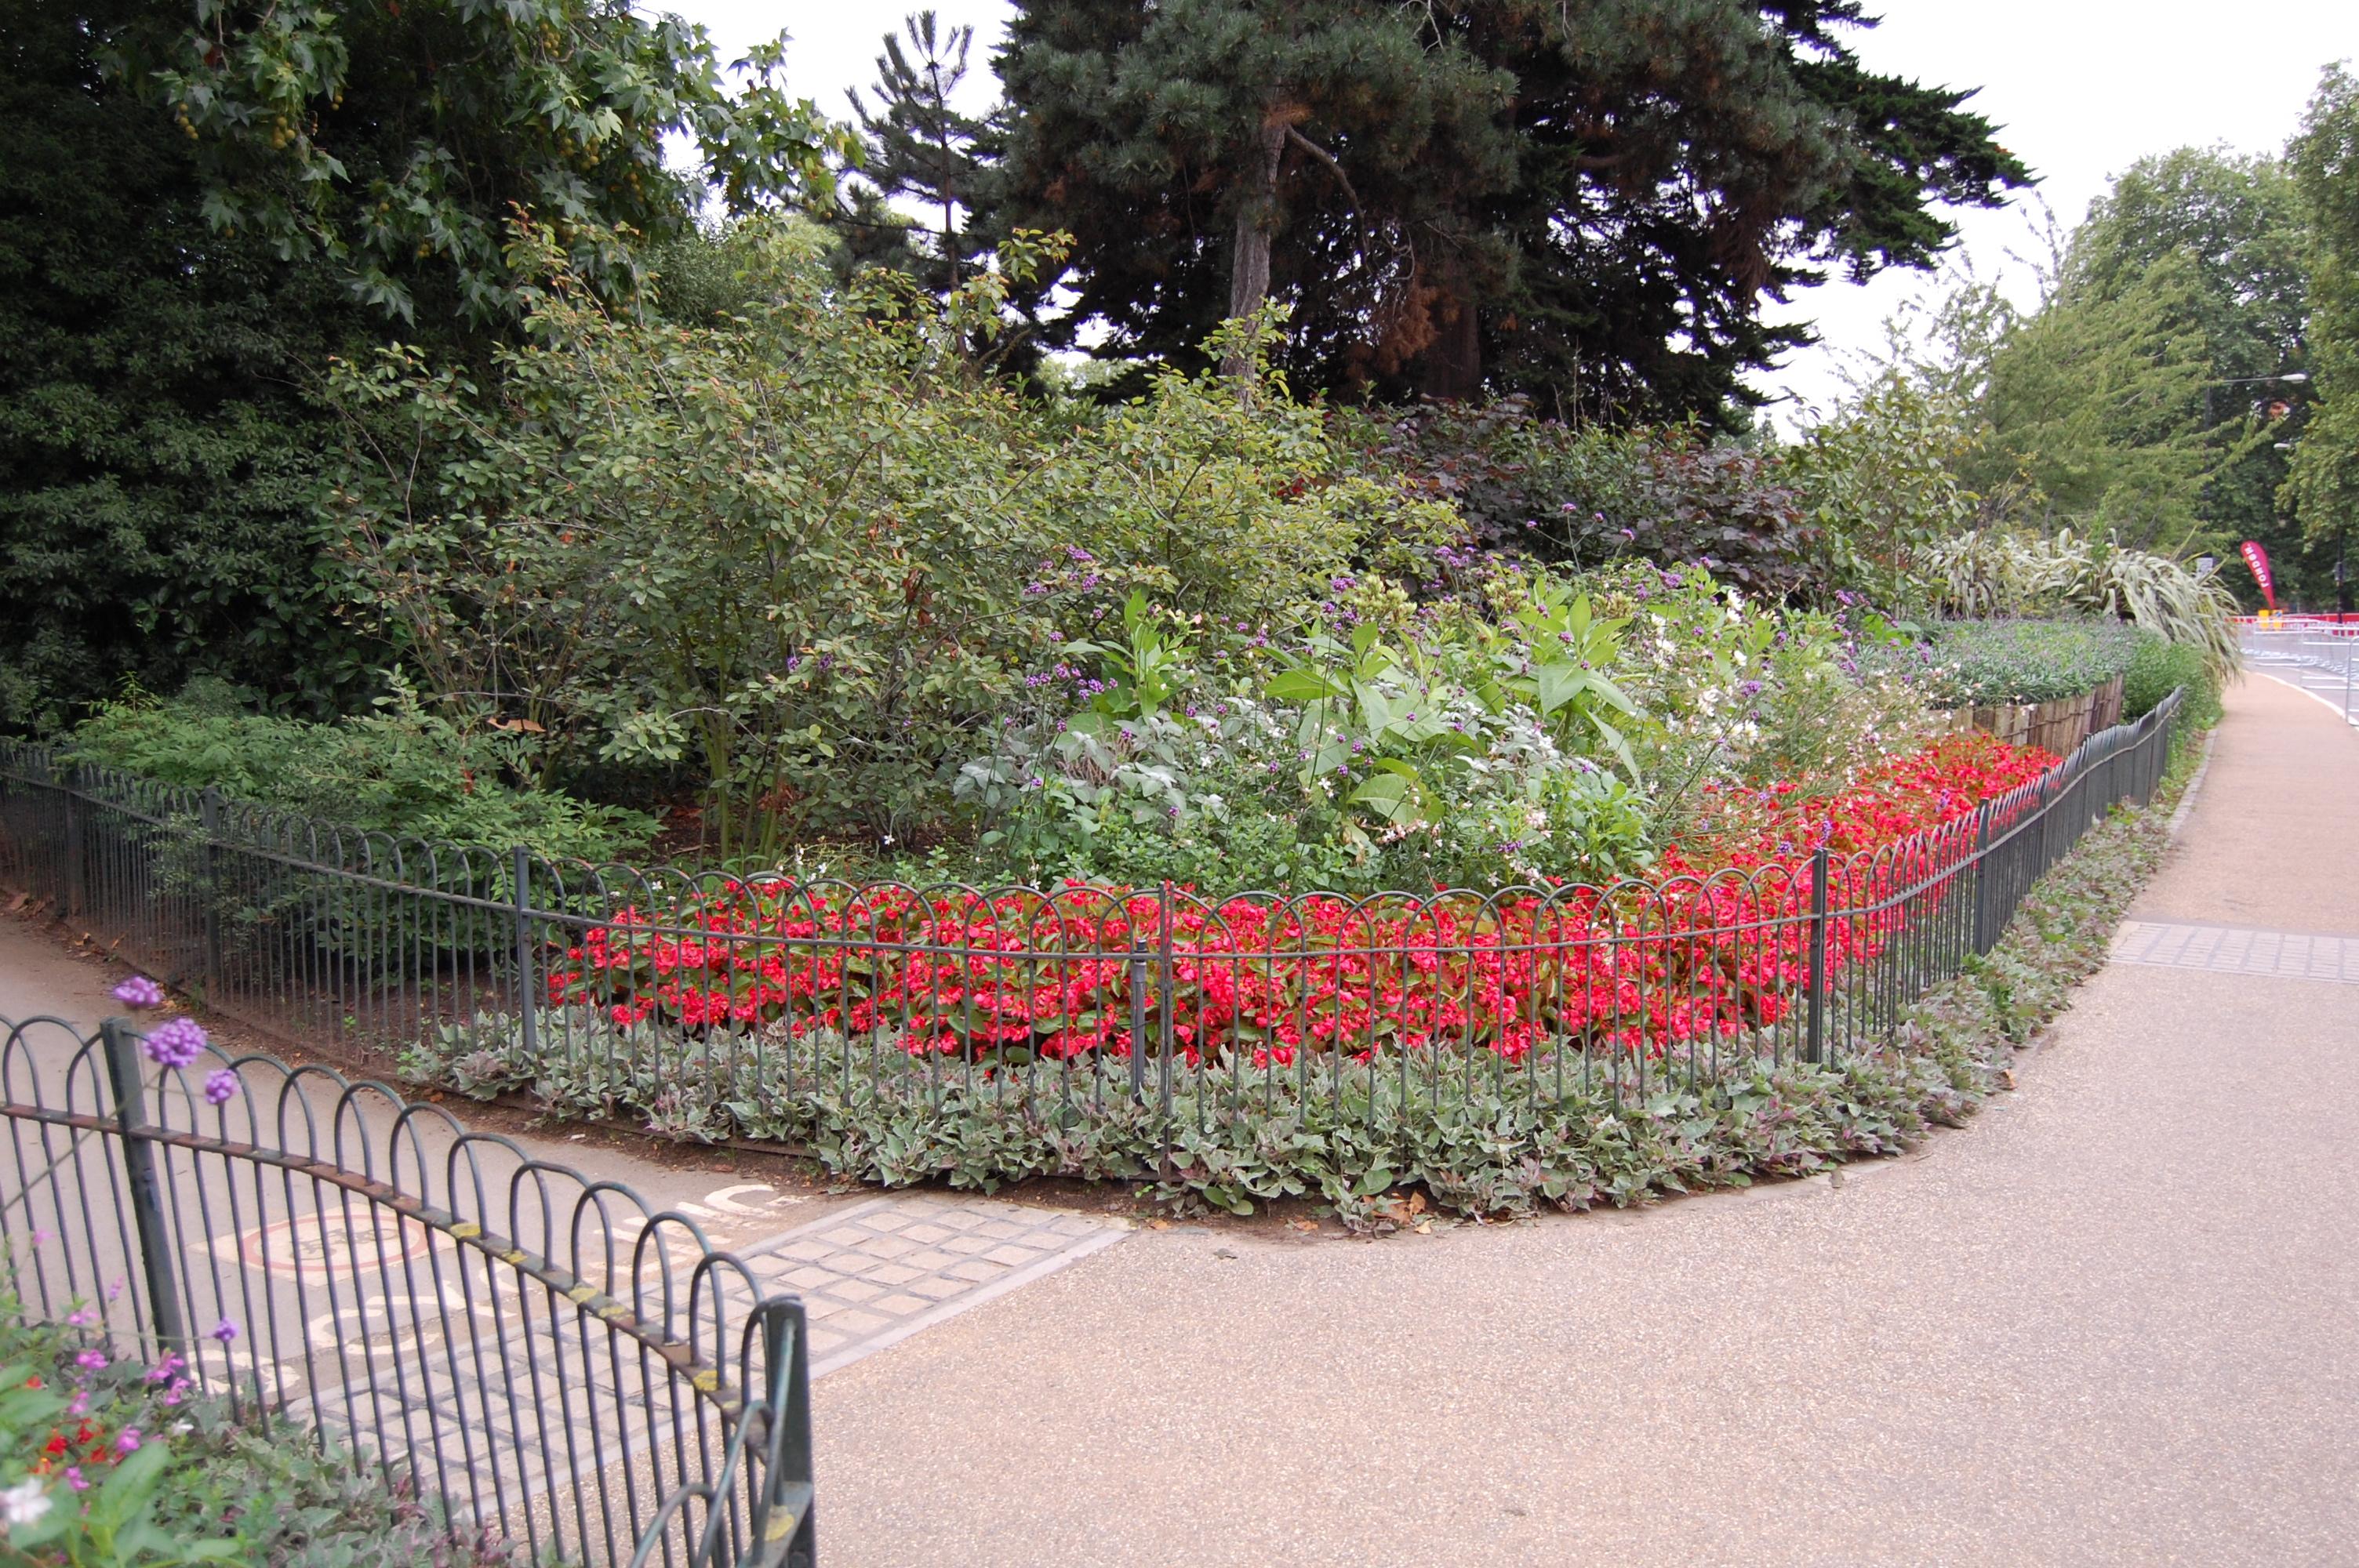 Garden Walk London: London's Kensington Garden Flower Walk